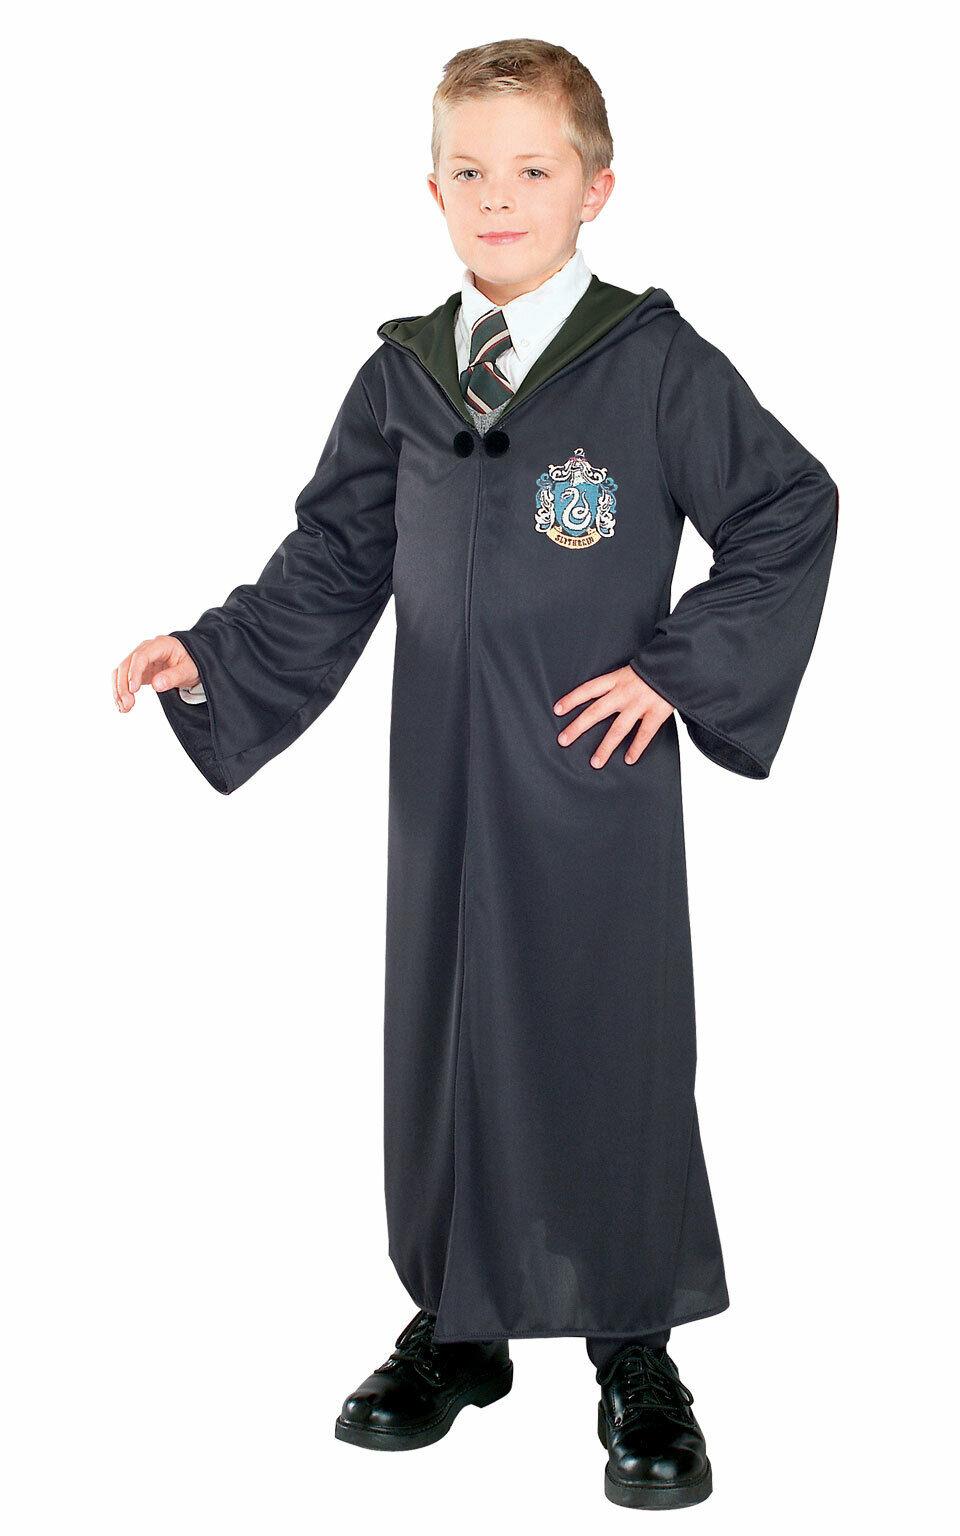 Rubies-d/éguisement officiel Enfant -Taille S Harry Potter- D/éguisement Robe Gryffondor Harry Potter H-884253S